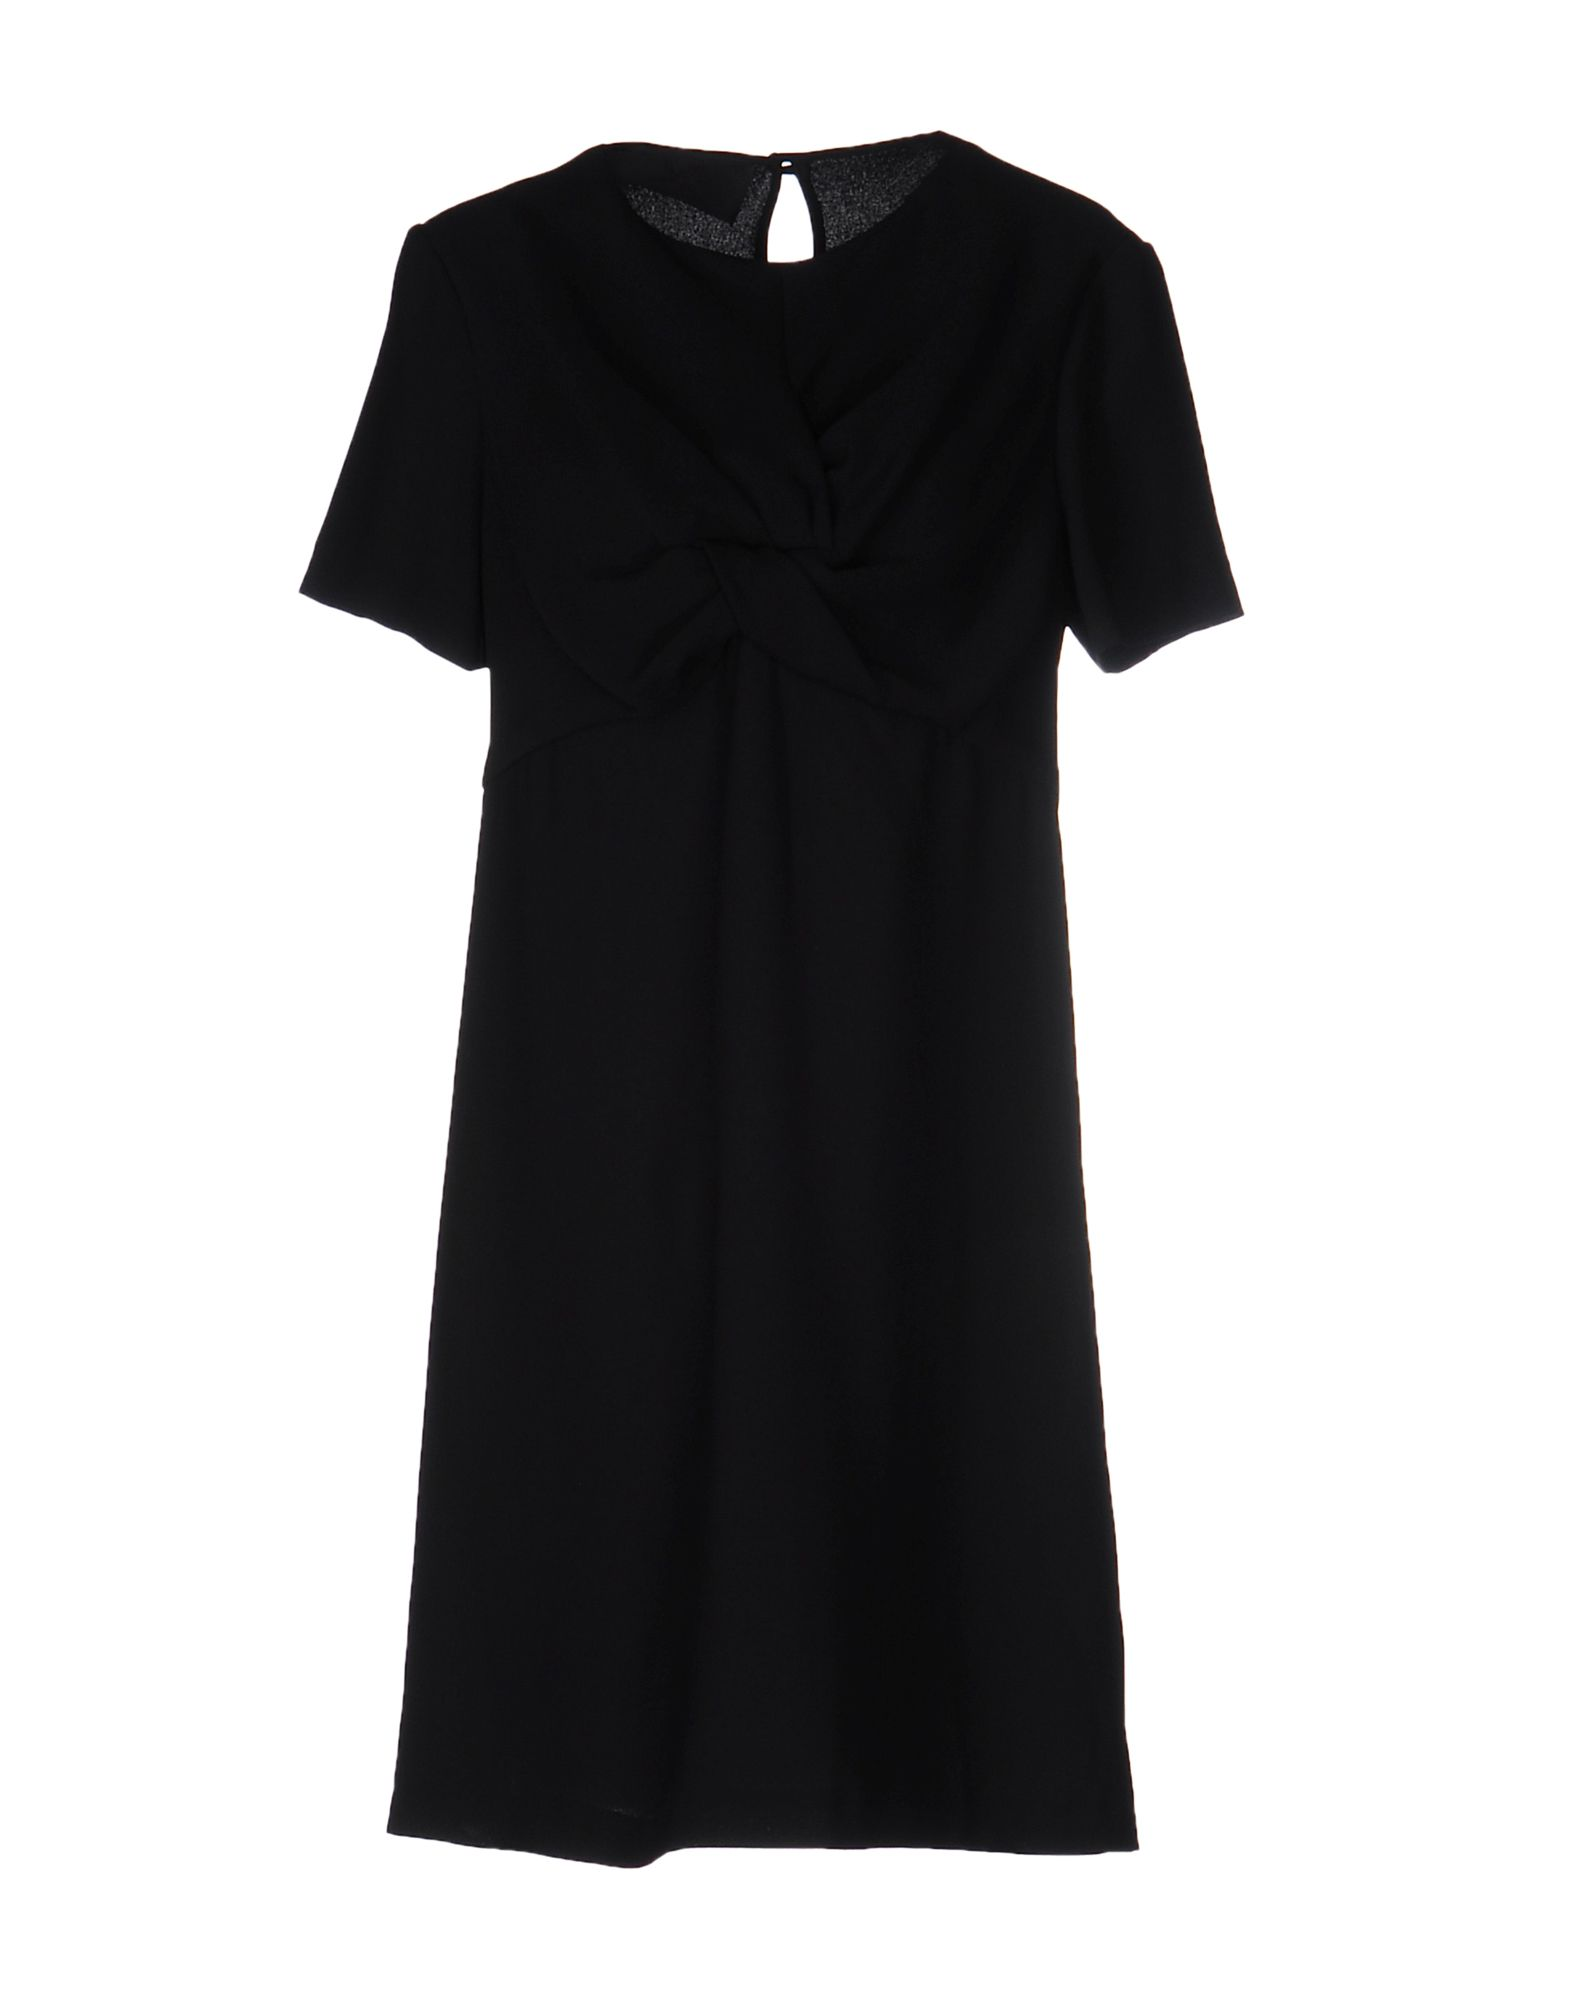 BETTY BLUE Damen Kurzes Kleid Farbe Schwarz Größe 5